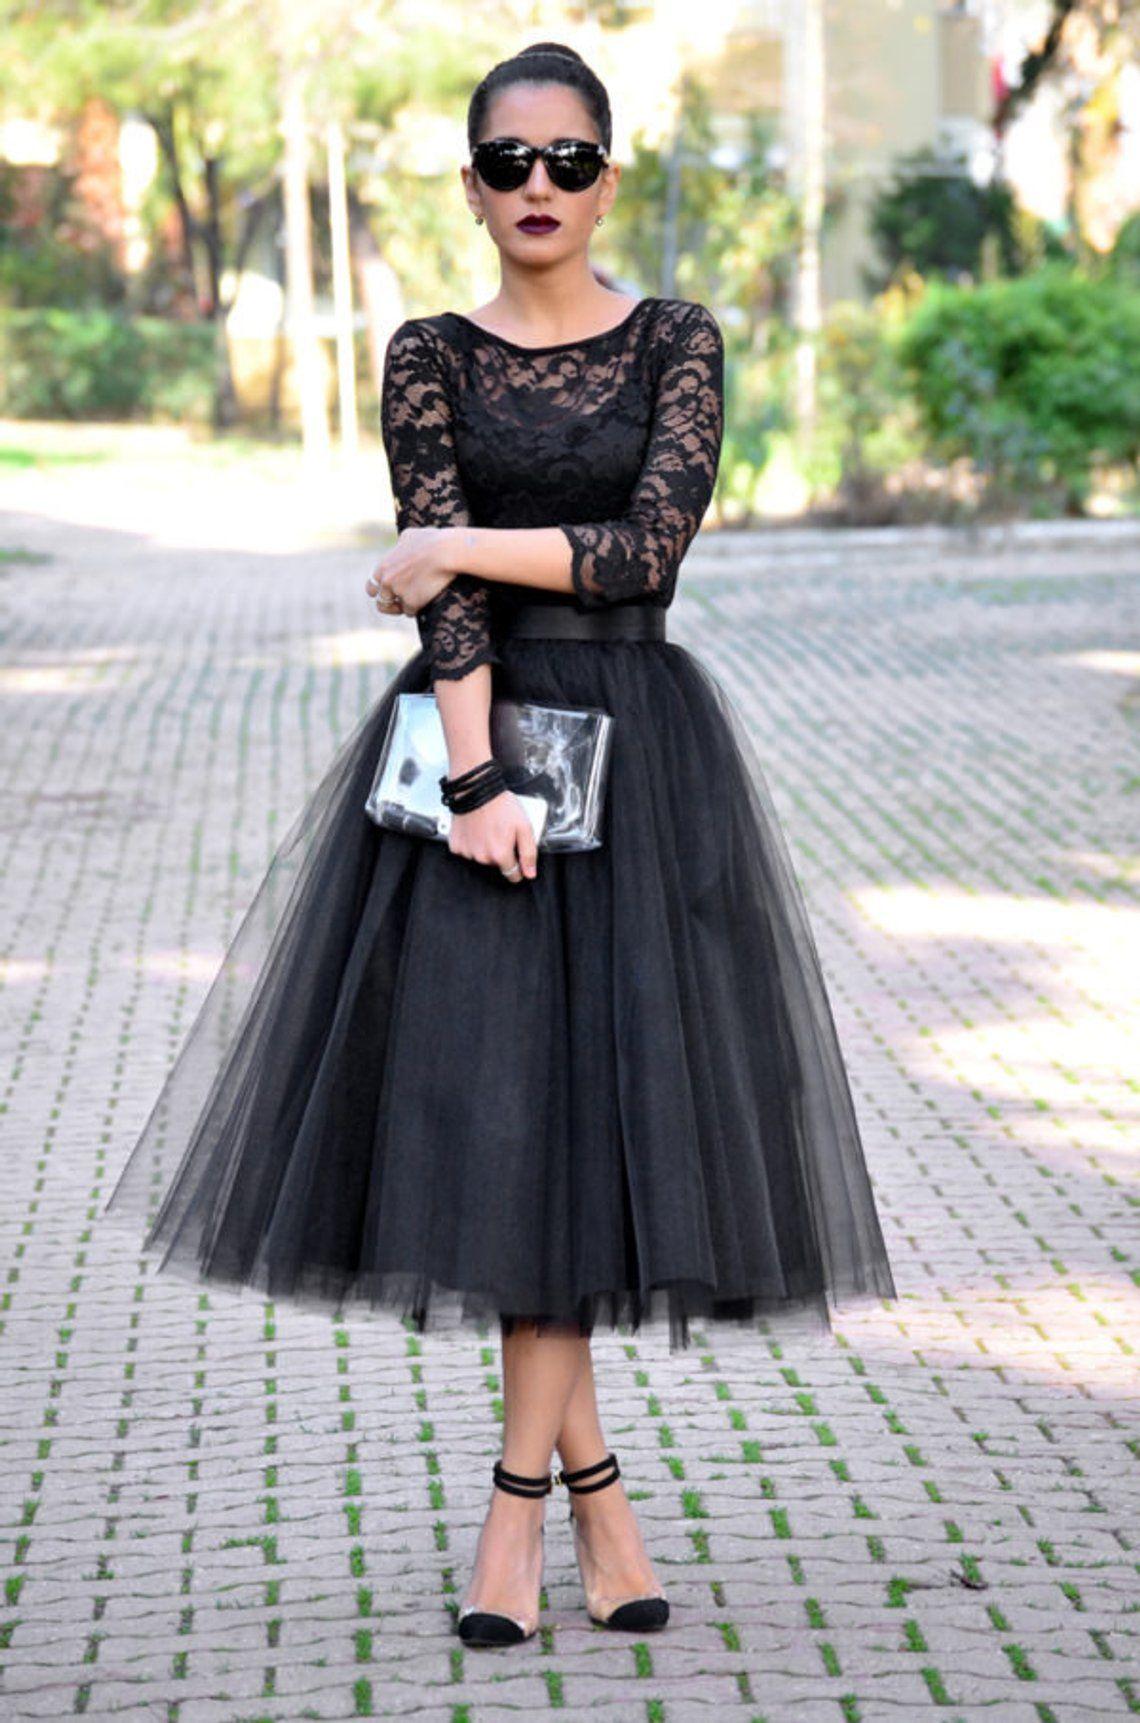 Tea Length Black Tulle Skirt Party Skirt Wedding Skirt Etsy Prom Dresses Long With Sleeves Tulle Prom Dress Prom Dresses With Sleeves [ 1723 x 1140 Pixel ]